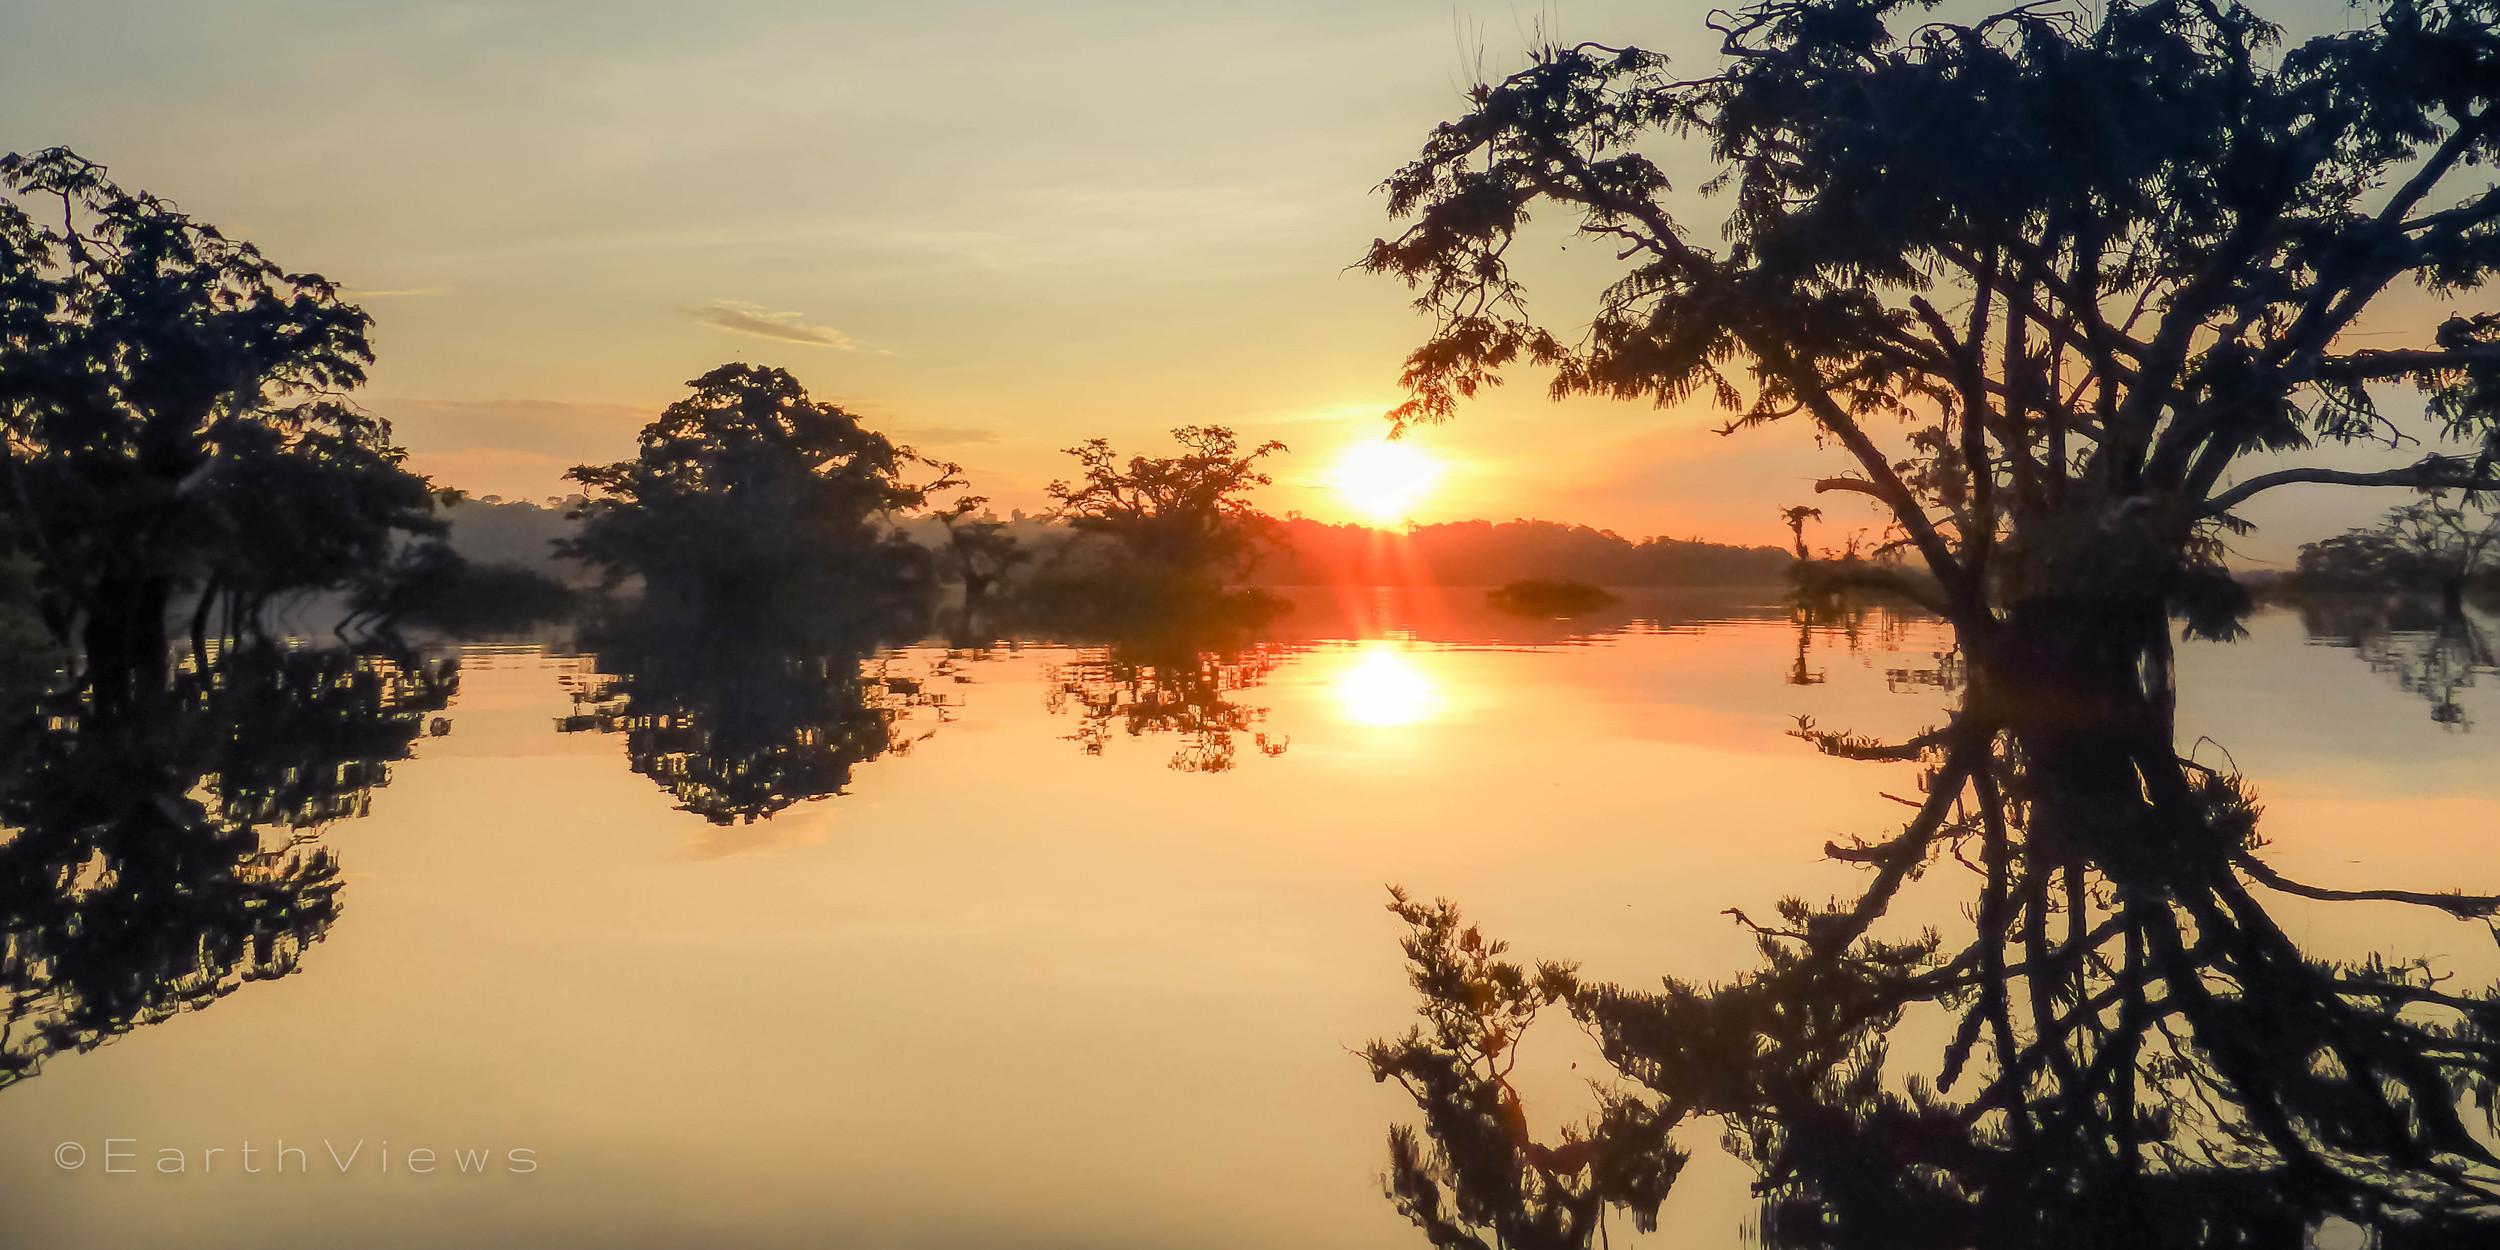 The Amazon during sunrise.